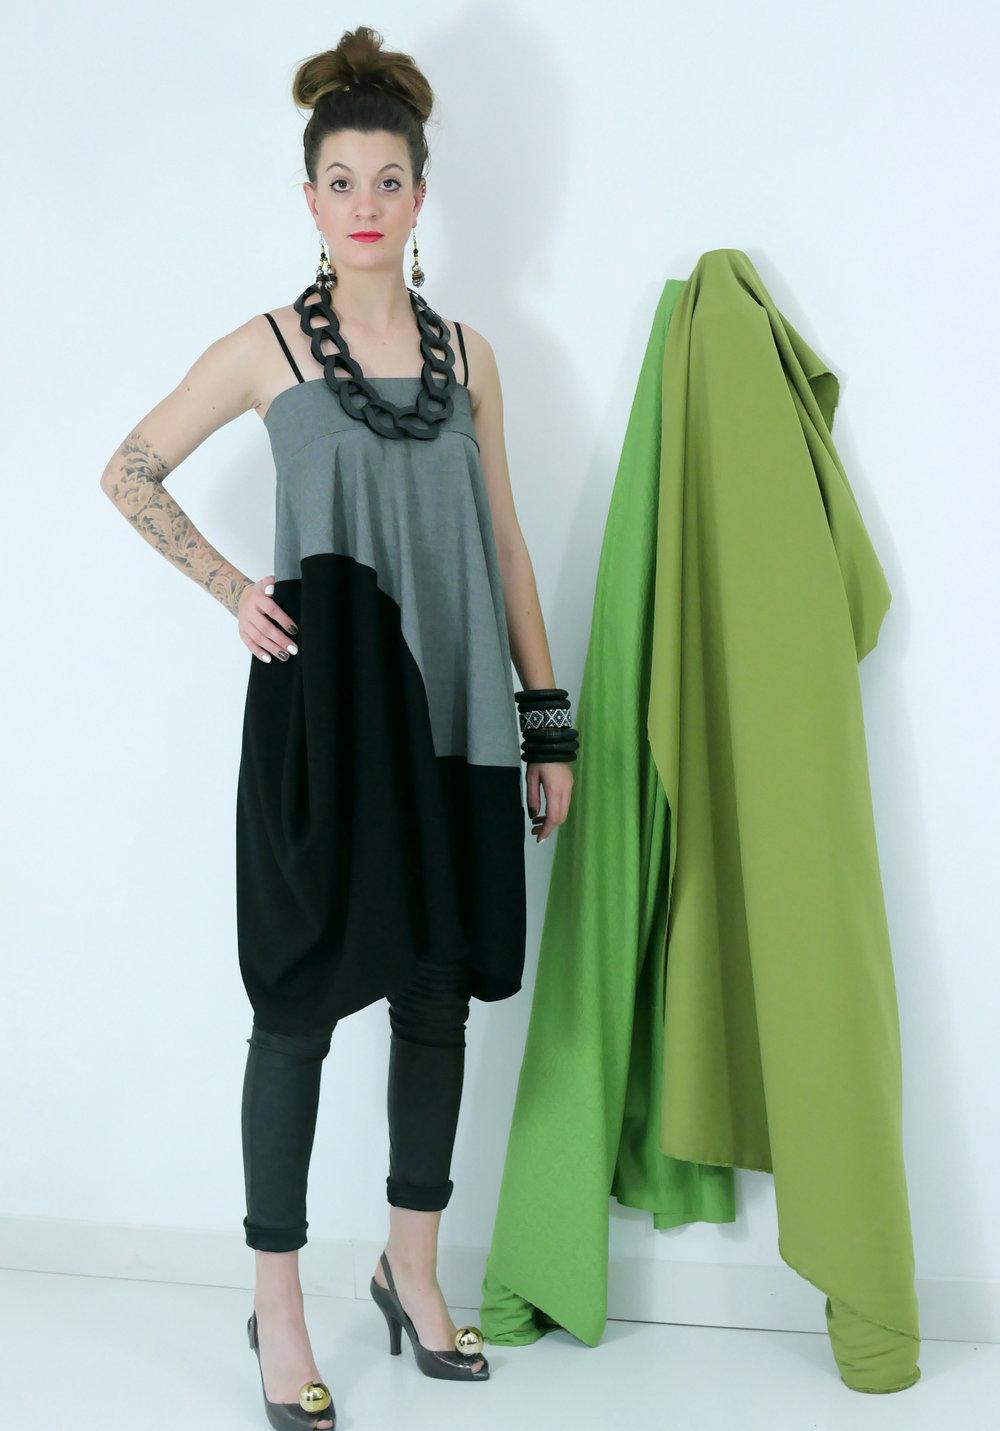 beverly smart s15 asymmetric skirt dress (1).JPG